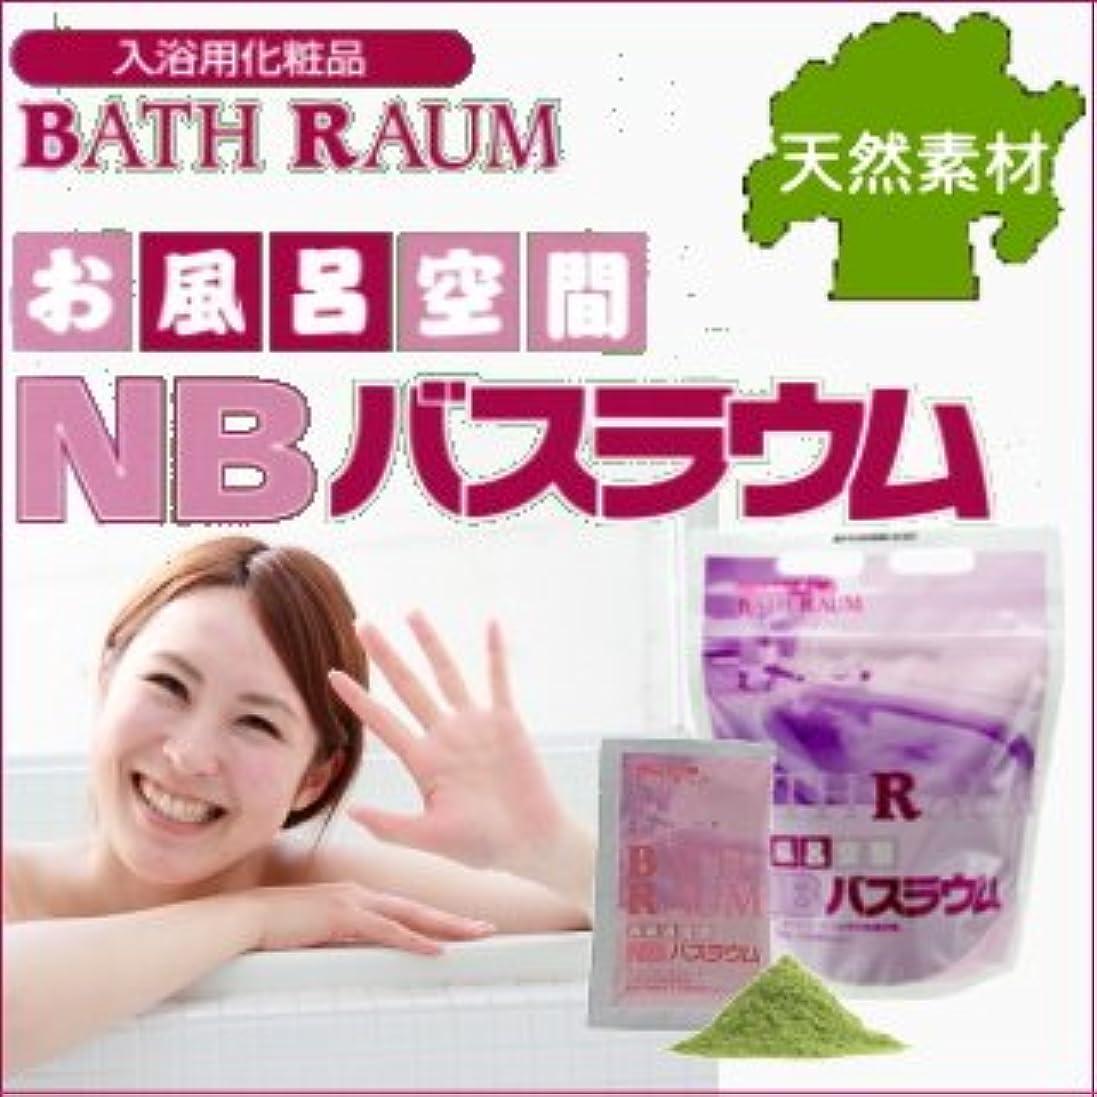 早い比類なき骨髄入浴用化粧品バスラウム 徳用1袋 約1ヶ月分(1.5Kg×1袋)